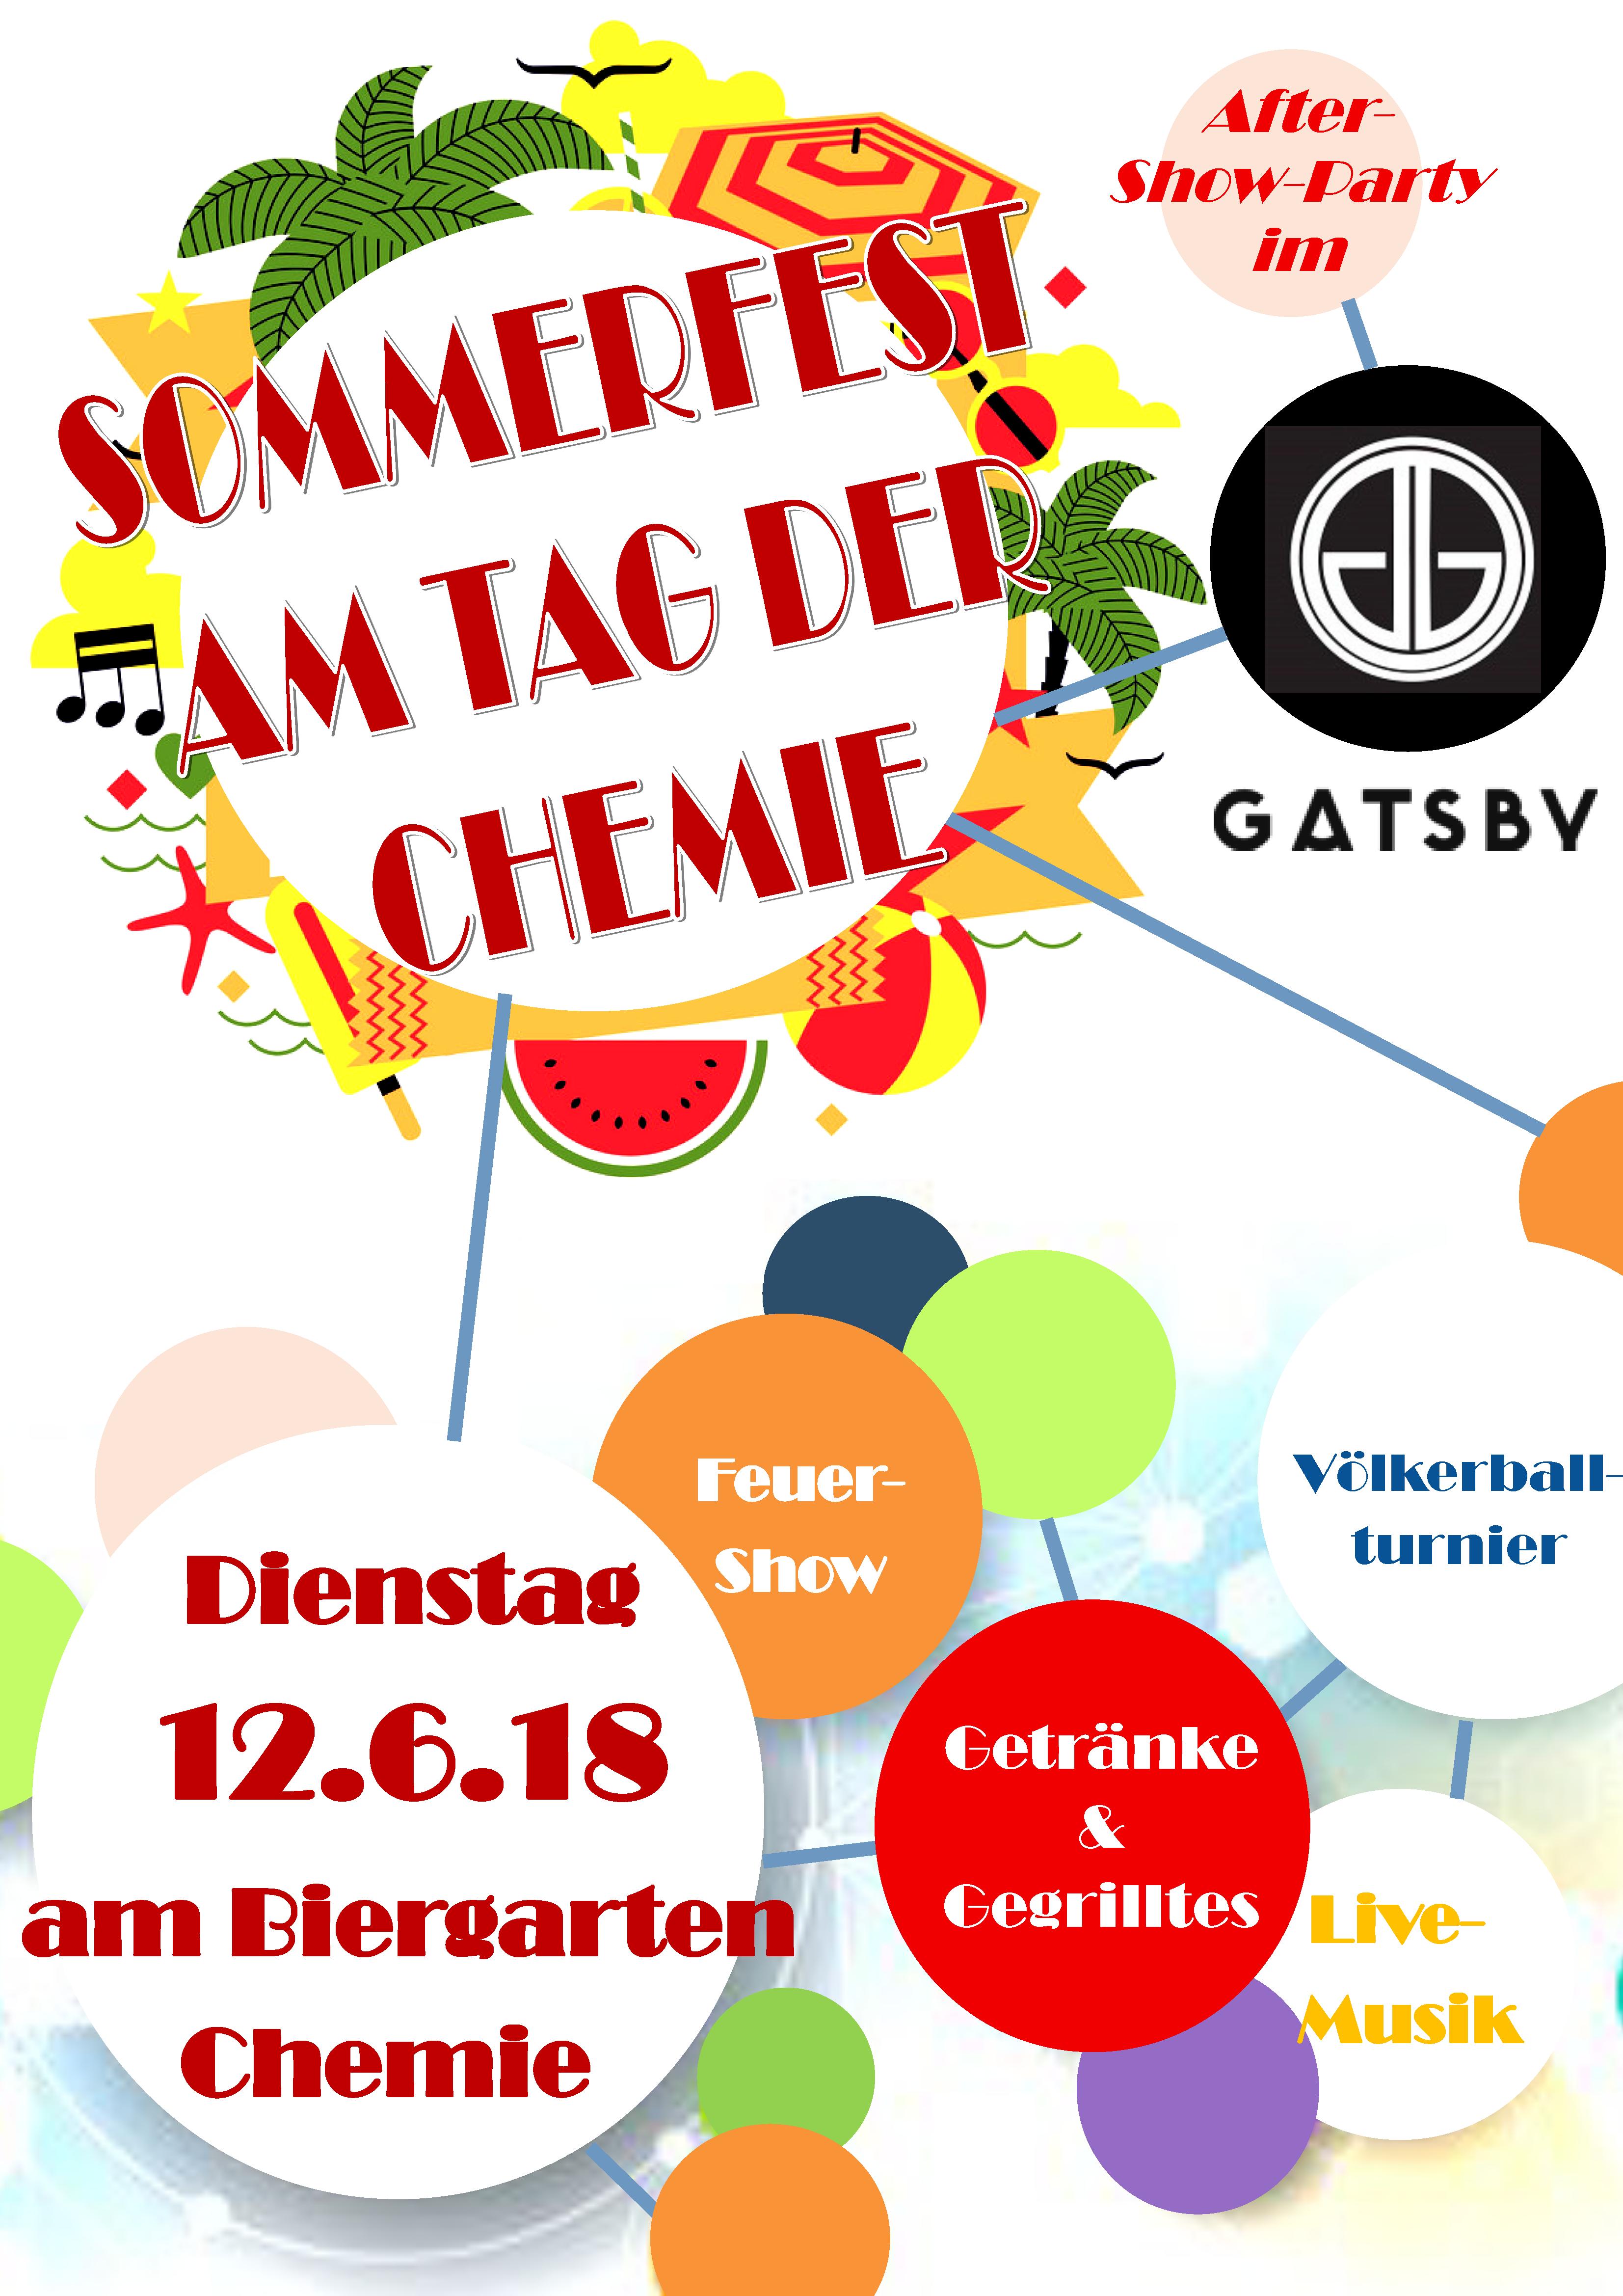 Sommerfest am Tag der Chemie 2018 - 12. Juni 2018